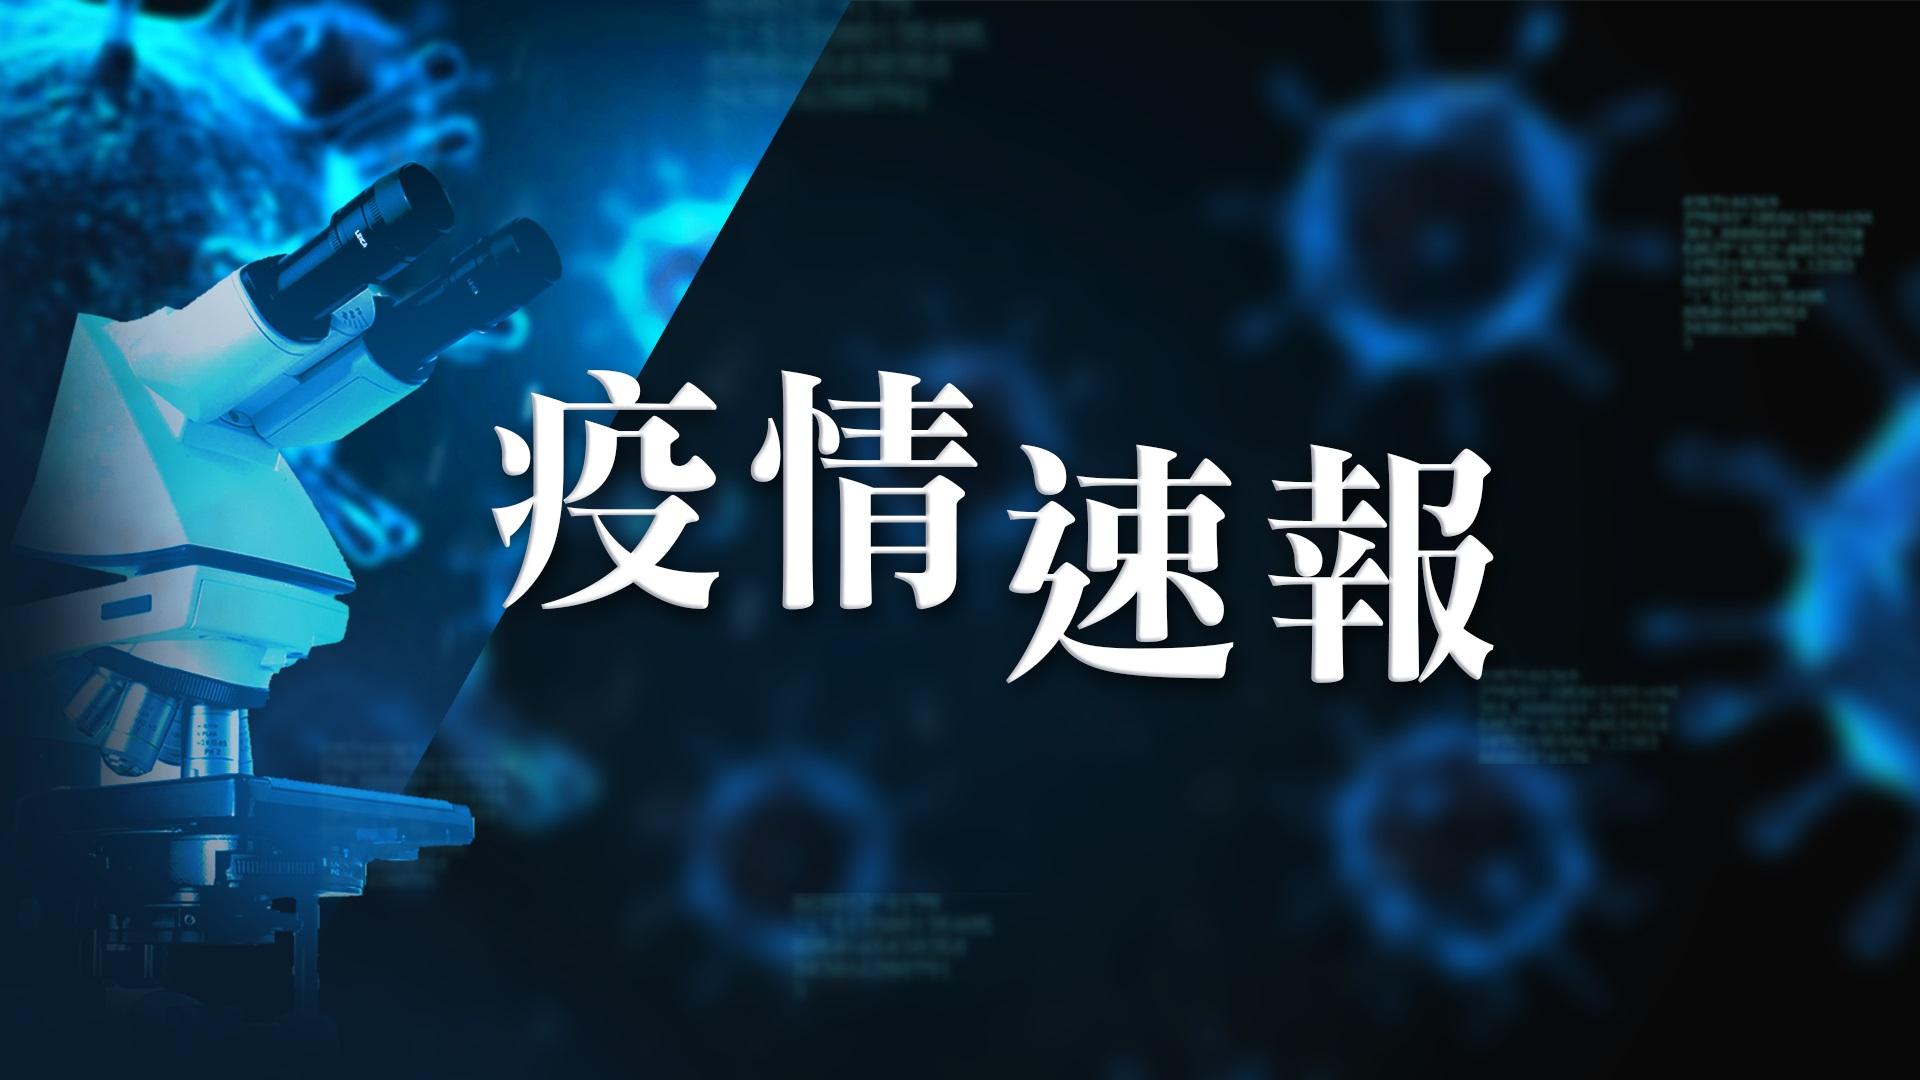 【7月13日疫情速報】(15:25)